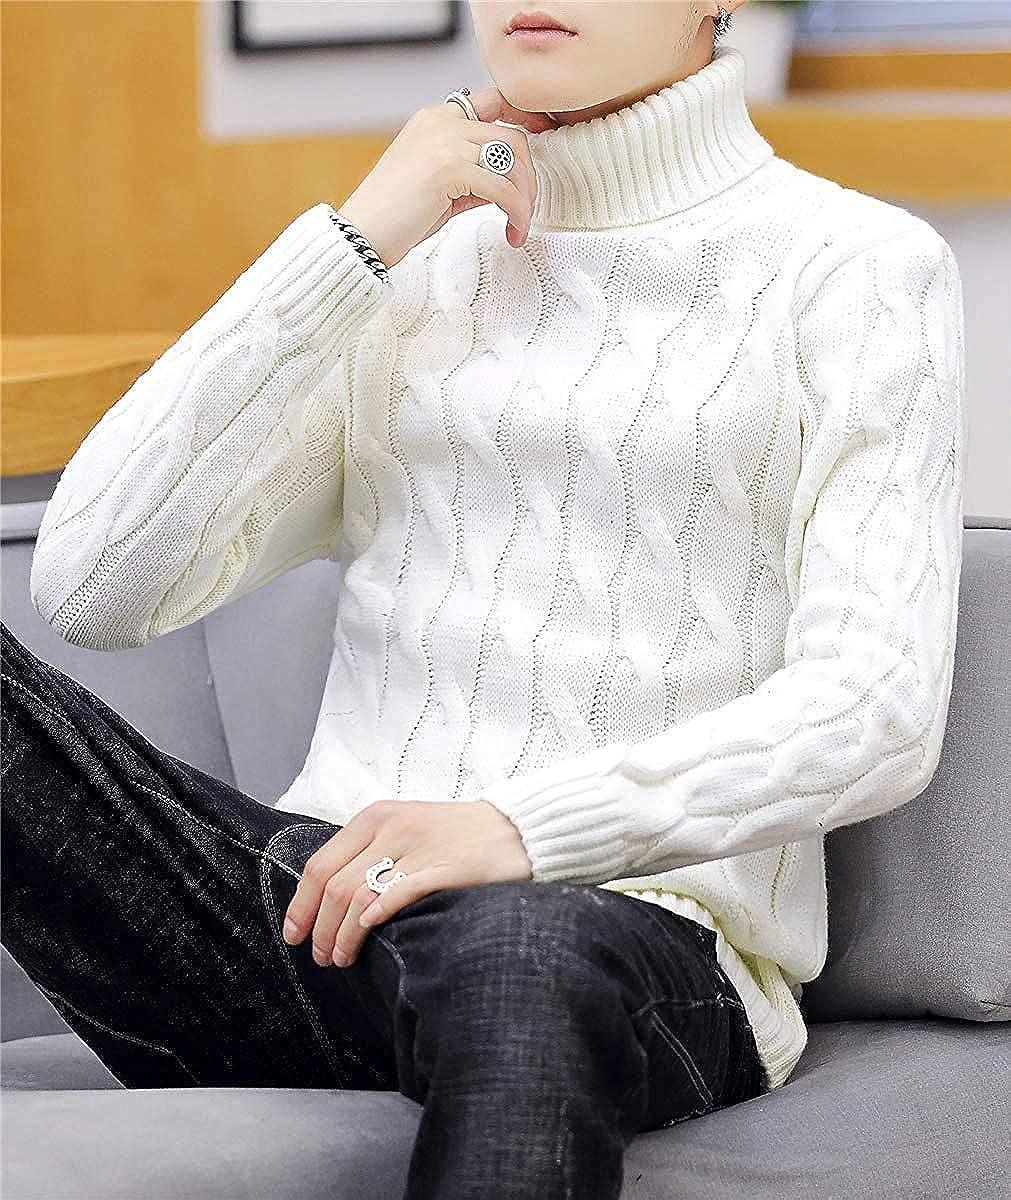 QZH.DUAO Mens Cable Knit Turtleneck Sweater